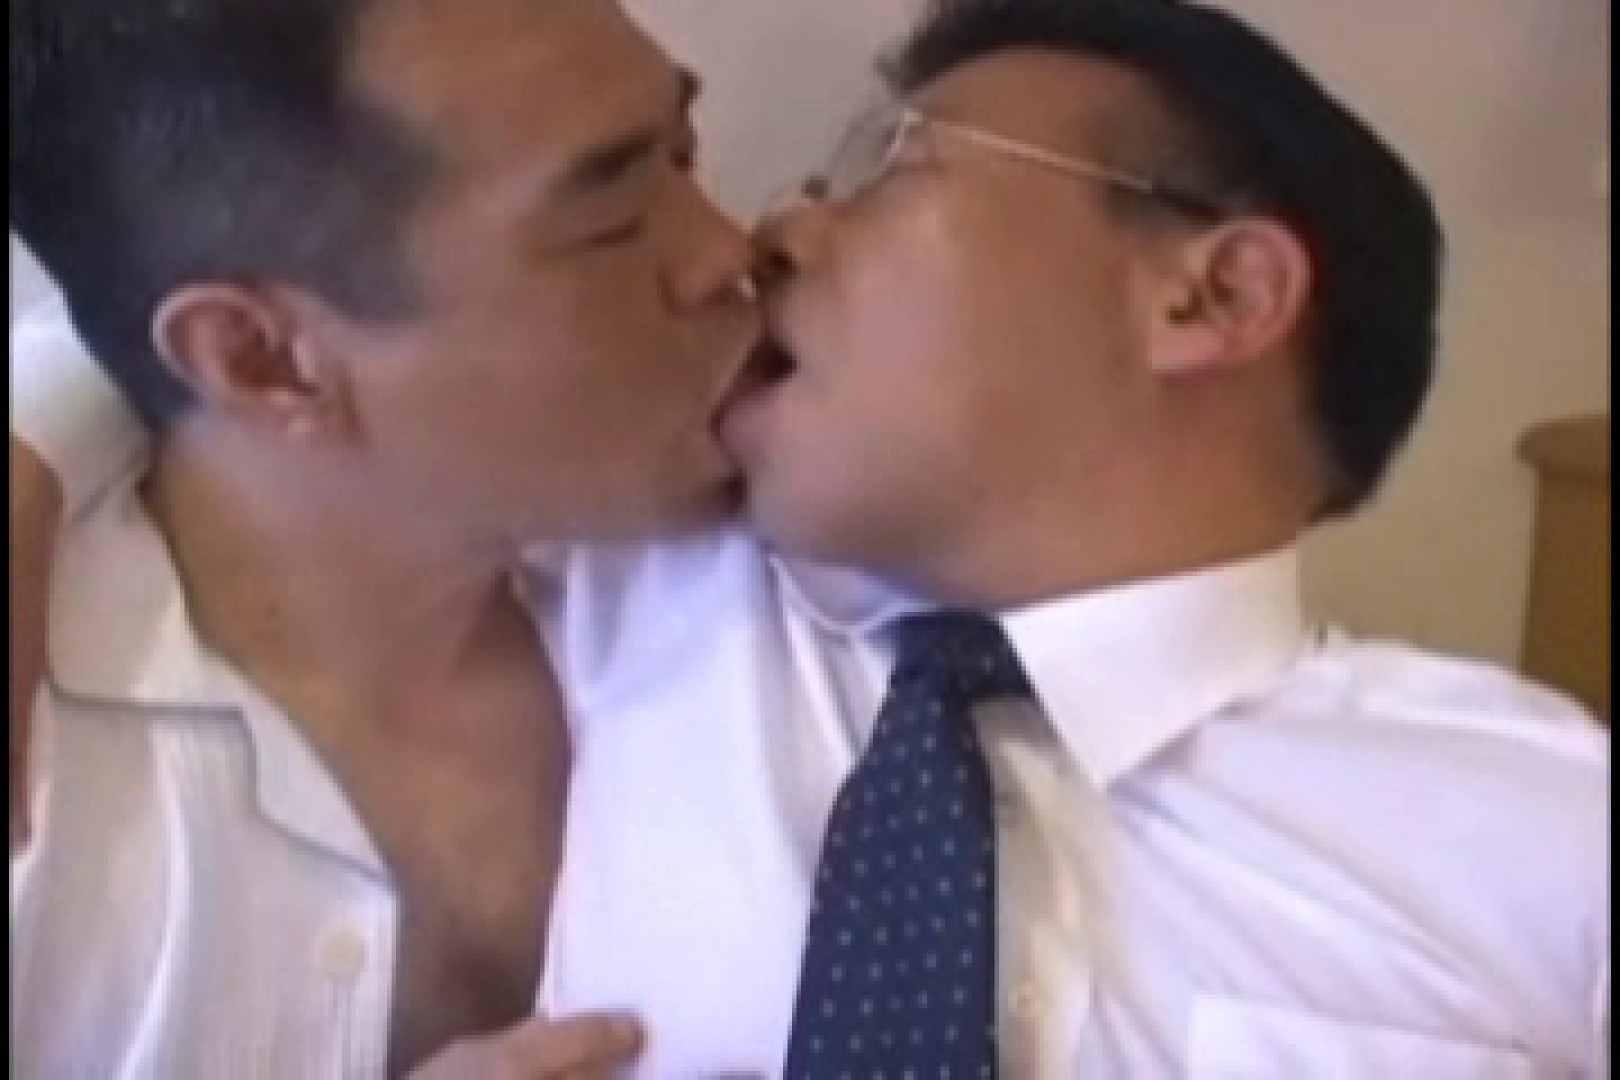 塾年ゲイ男の性交渉 ゲイカップル | 男同士  10枚 1